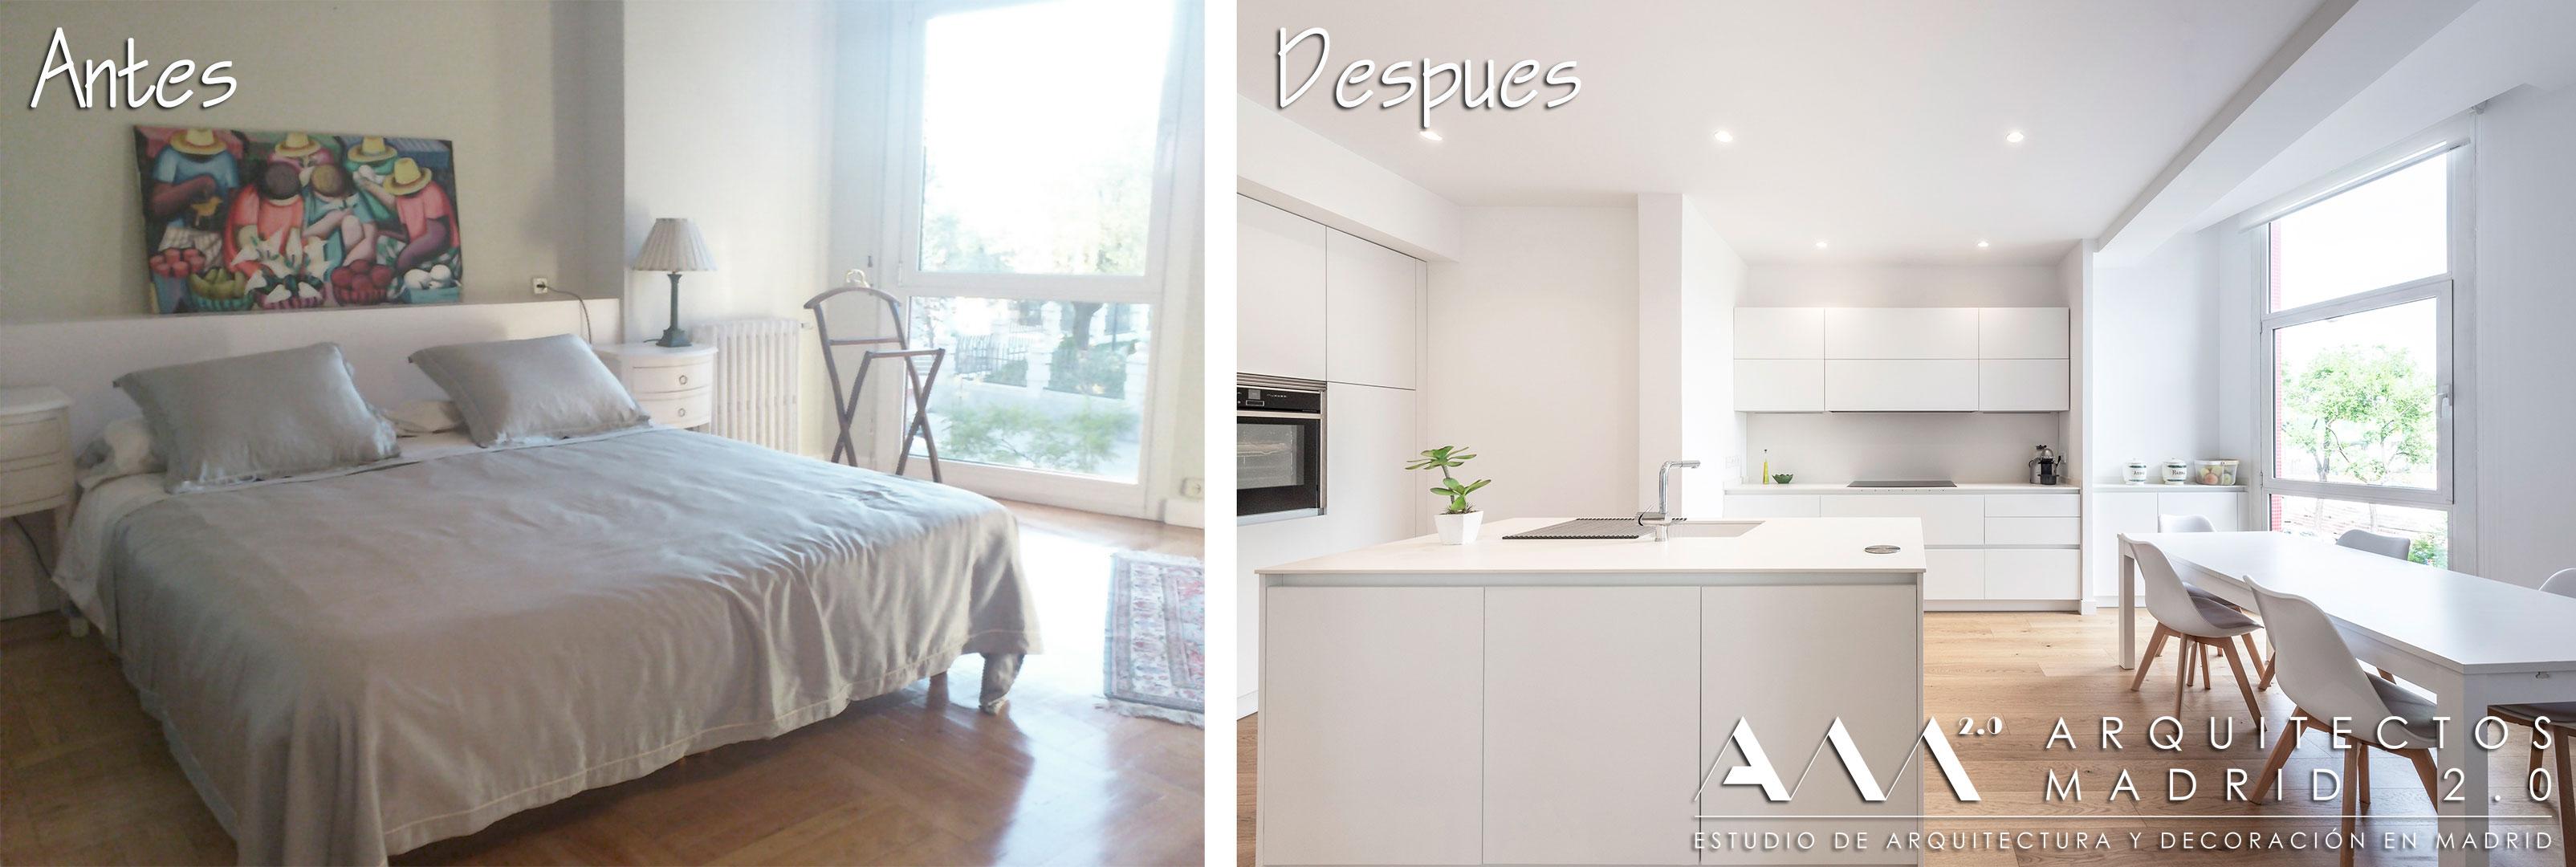 Cu nto cuesta reformar un piso precio reforma integral de piso o casa - Cuanto cuesta amueblar un piso ...